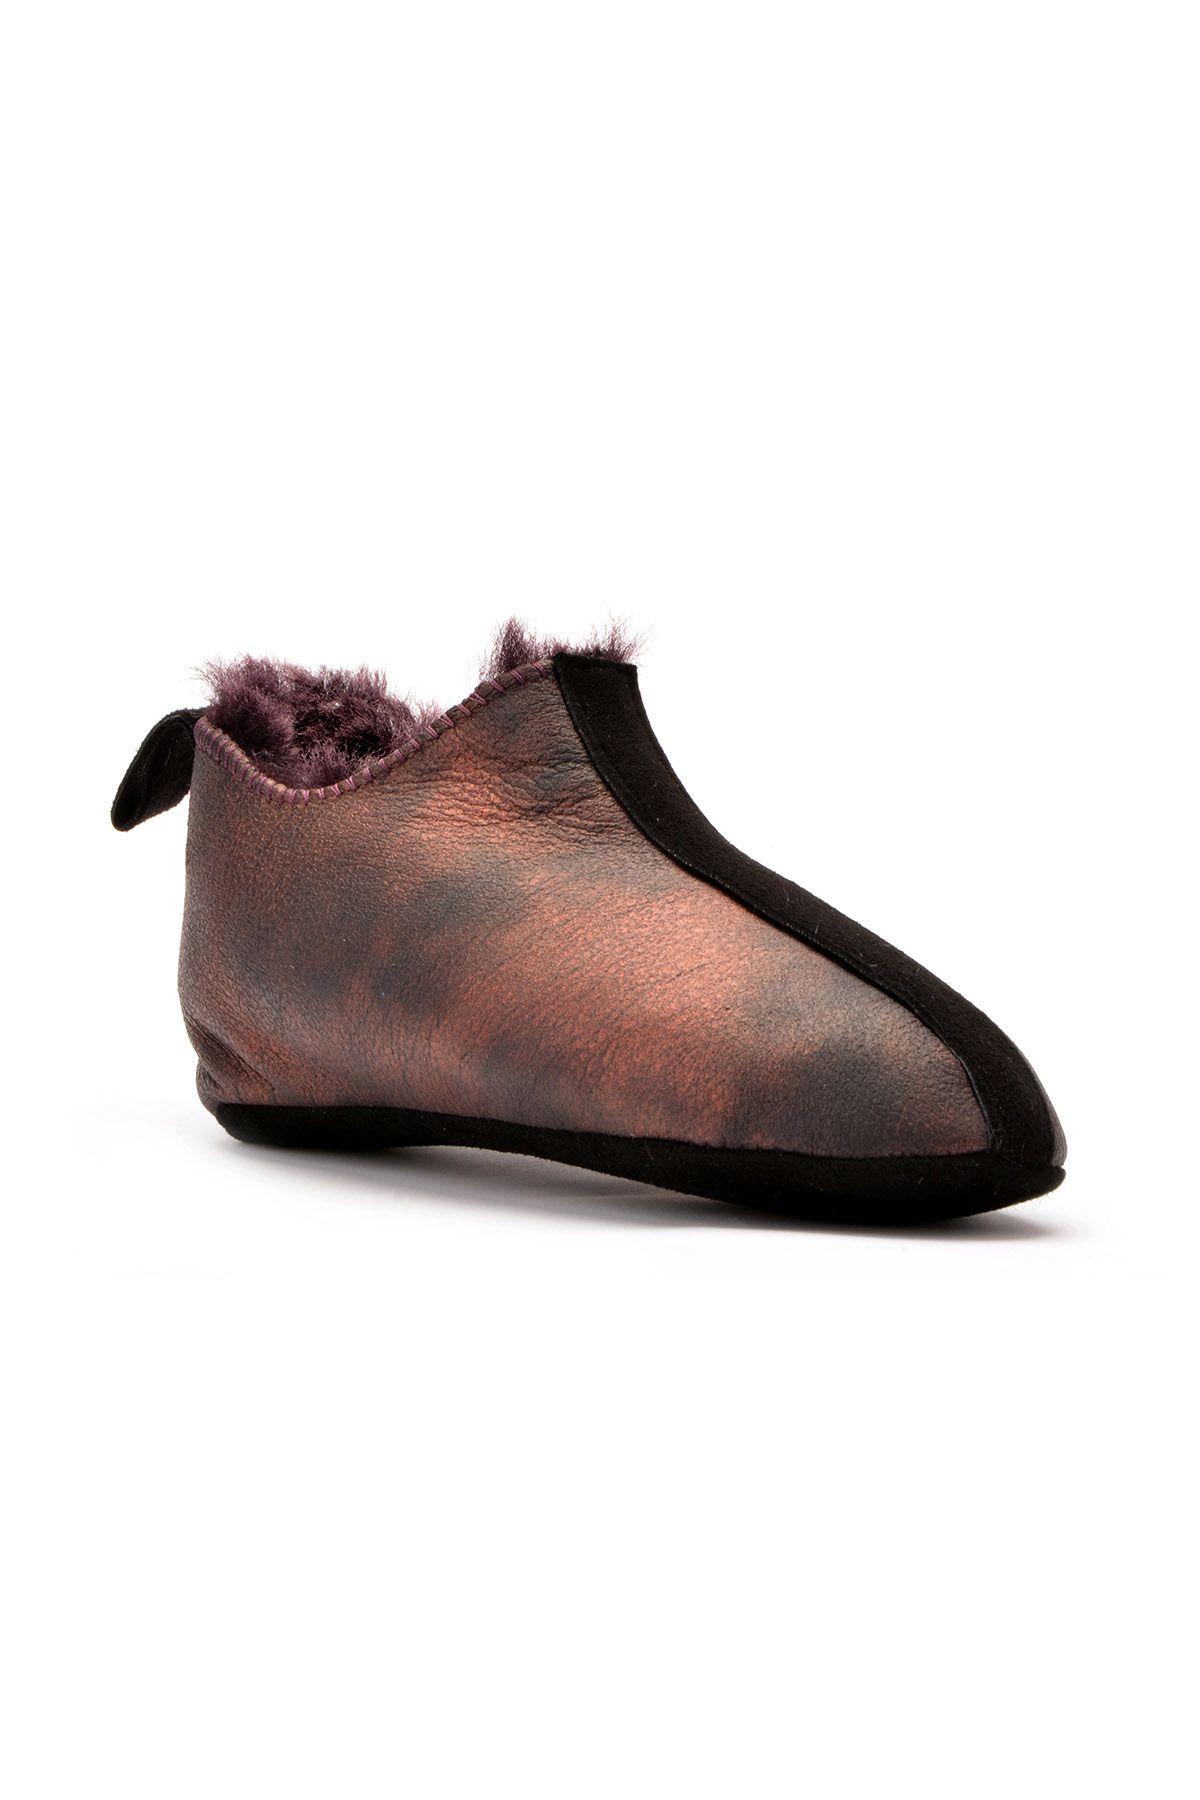 Pegia Hakiki Kürklü Çocuk Ev Ayakkabısı 121097 Bordo